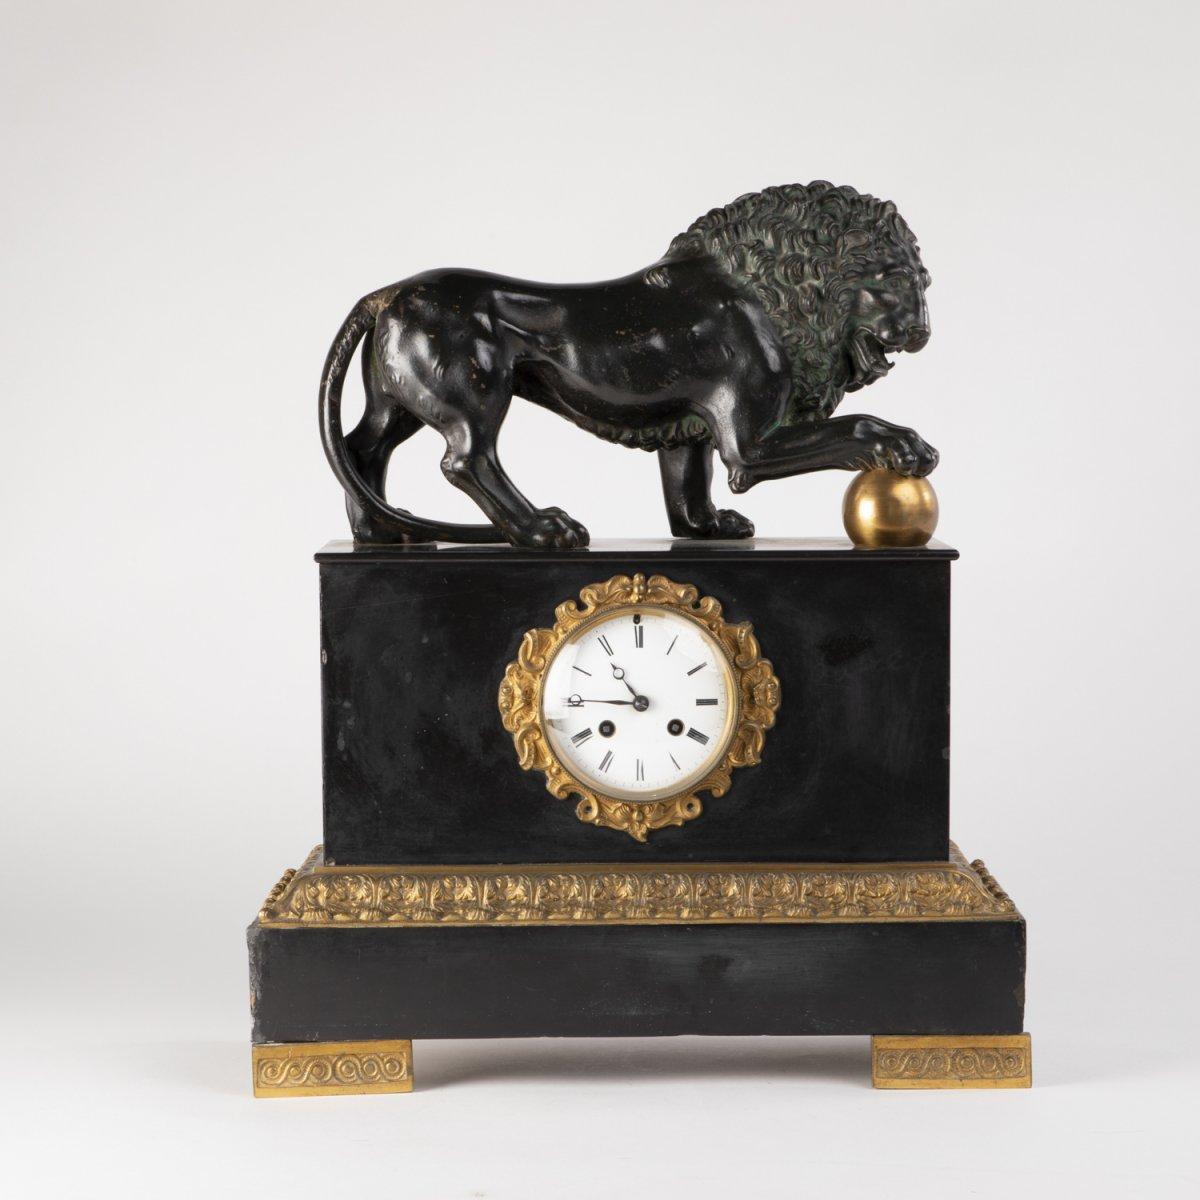 Pendule au Lion des Médicis en marbre noir et bronze à patine brune et doré, XIXe